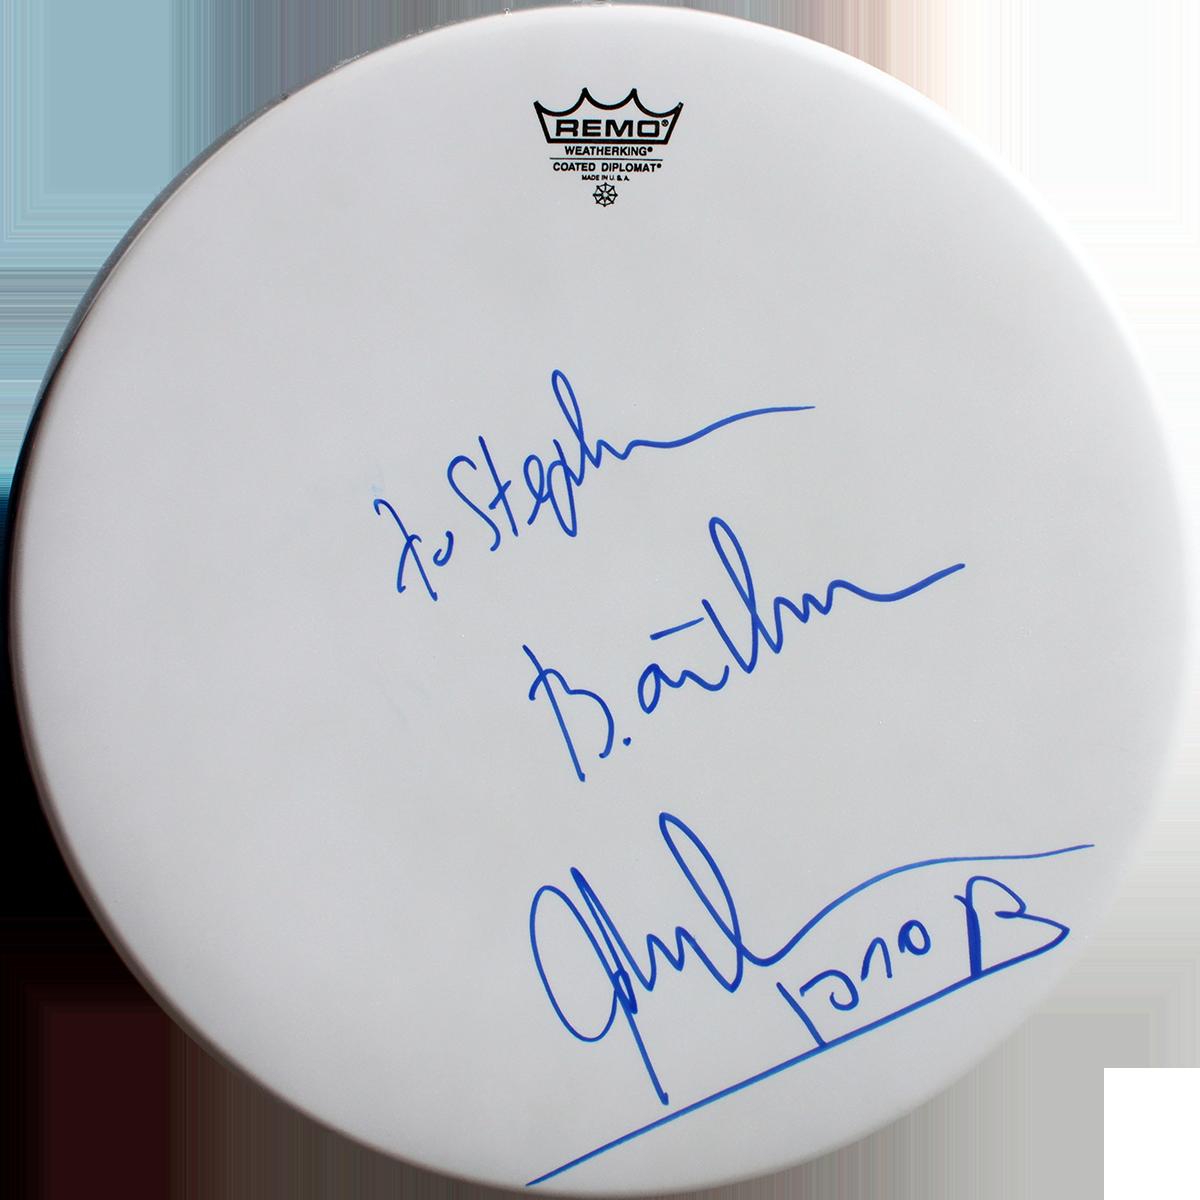 John Densmore - Drumhead